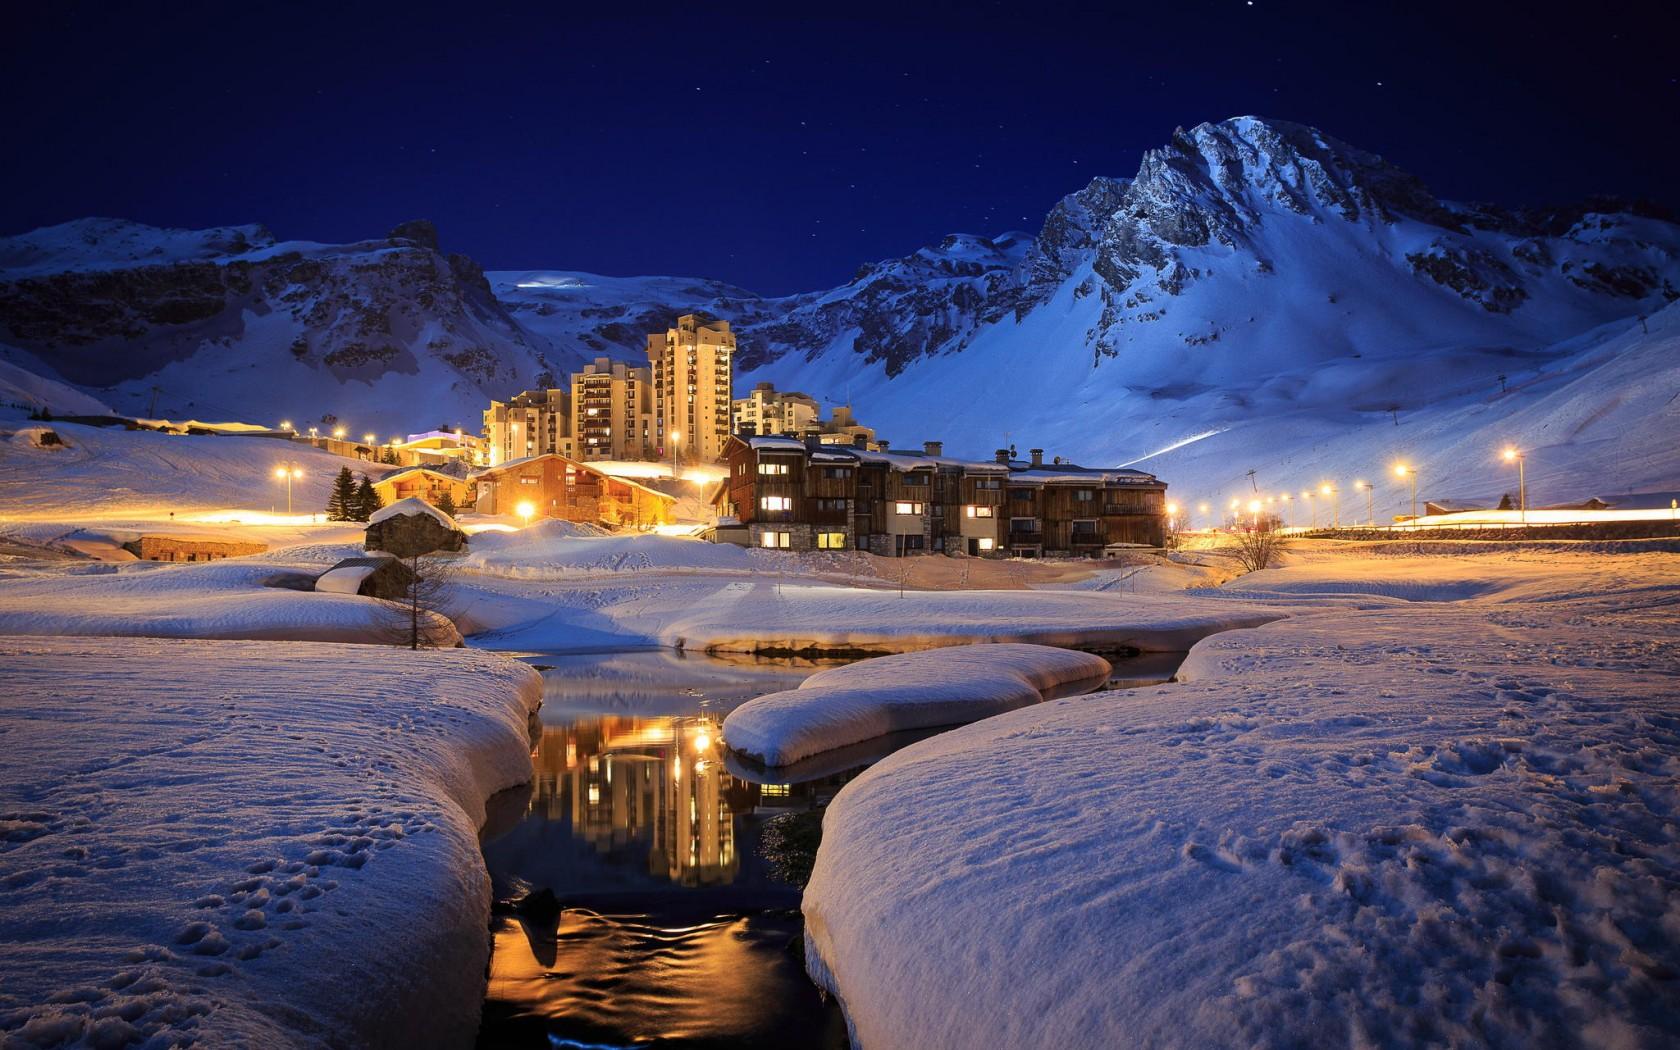 Ski resort in Tignes France [1680 1050] WinterFans 1680x1050